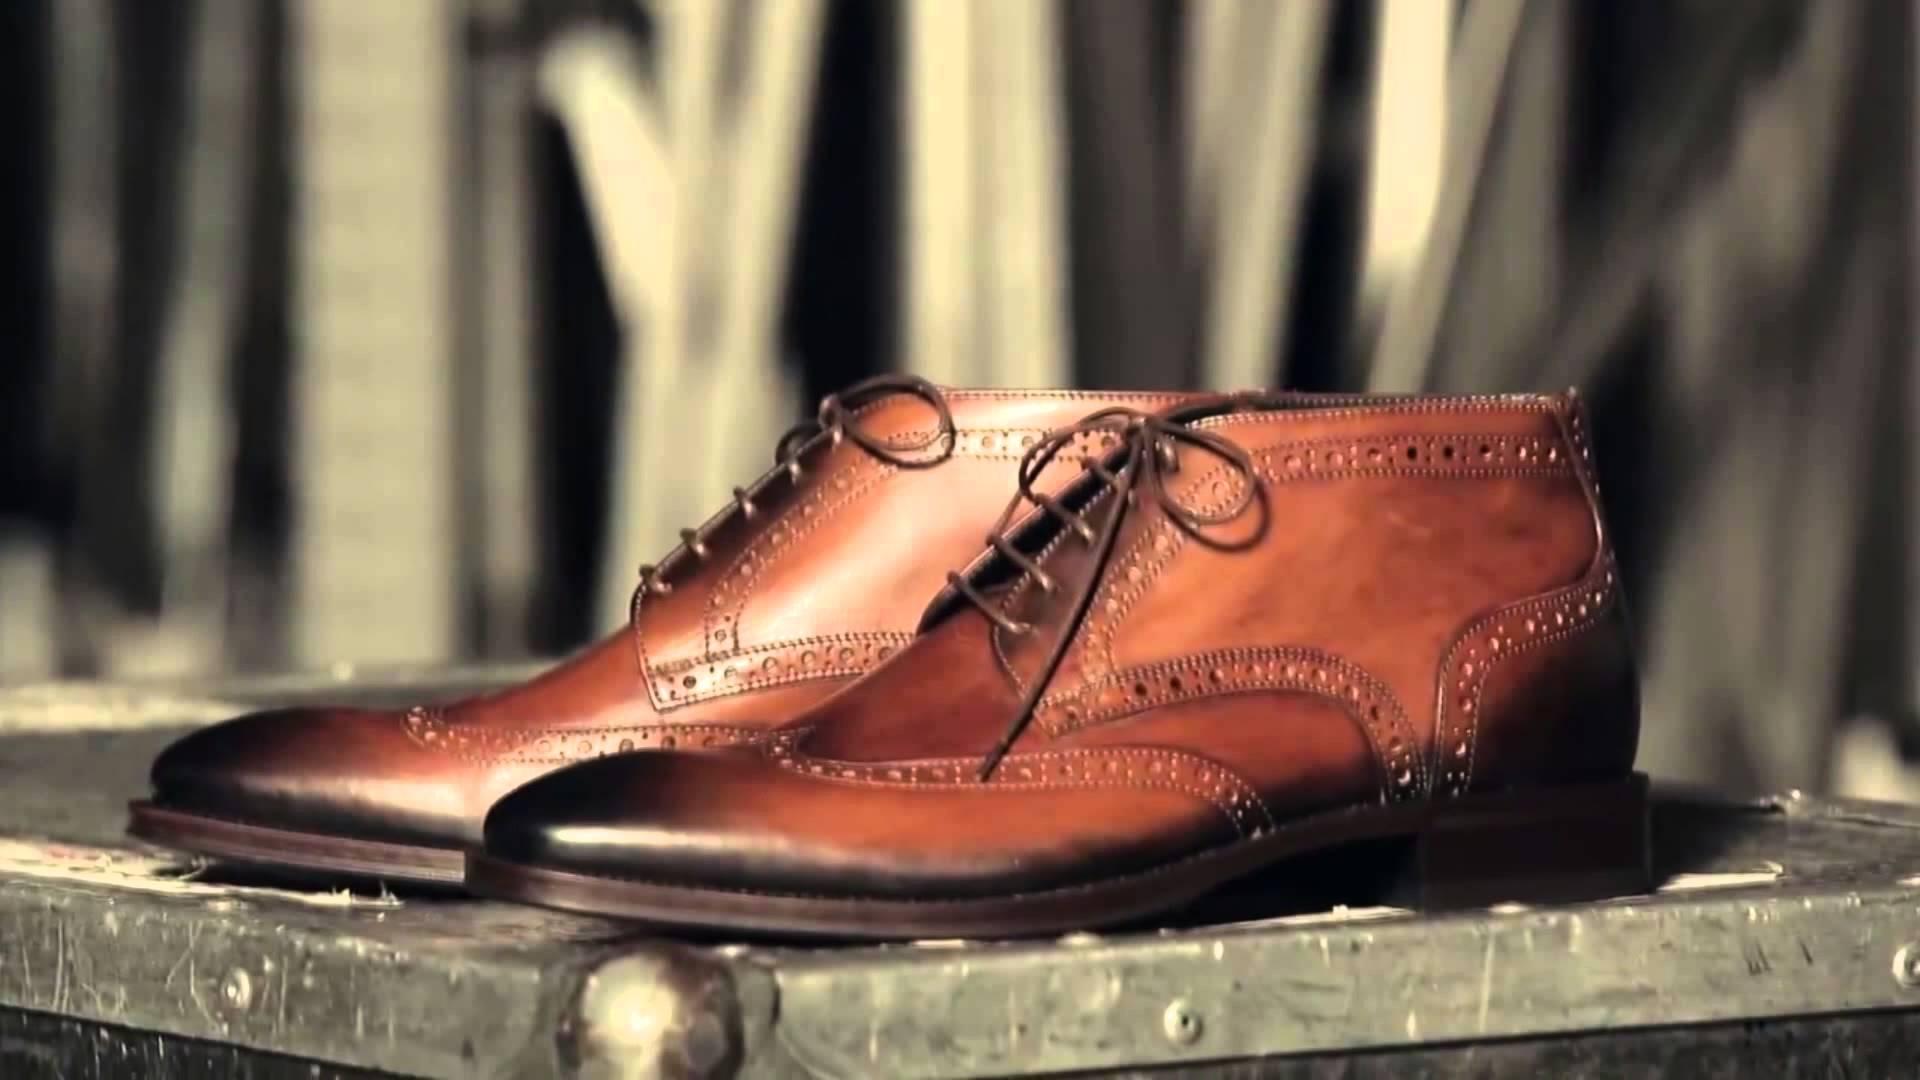 Обработка обуви от грибка ногтей и стопы: спреи и другие препараты для дезинфекции